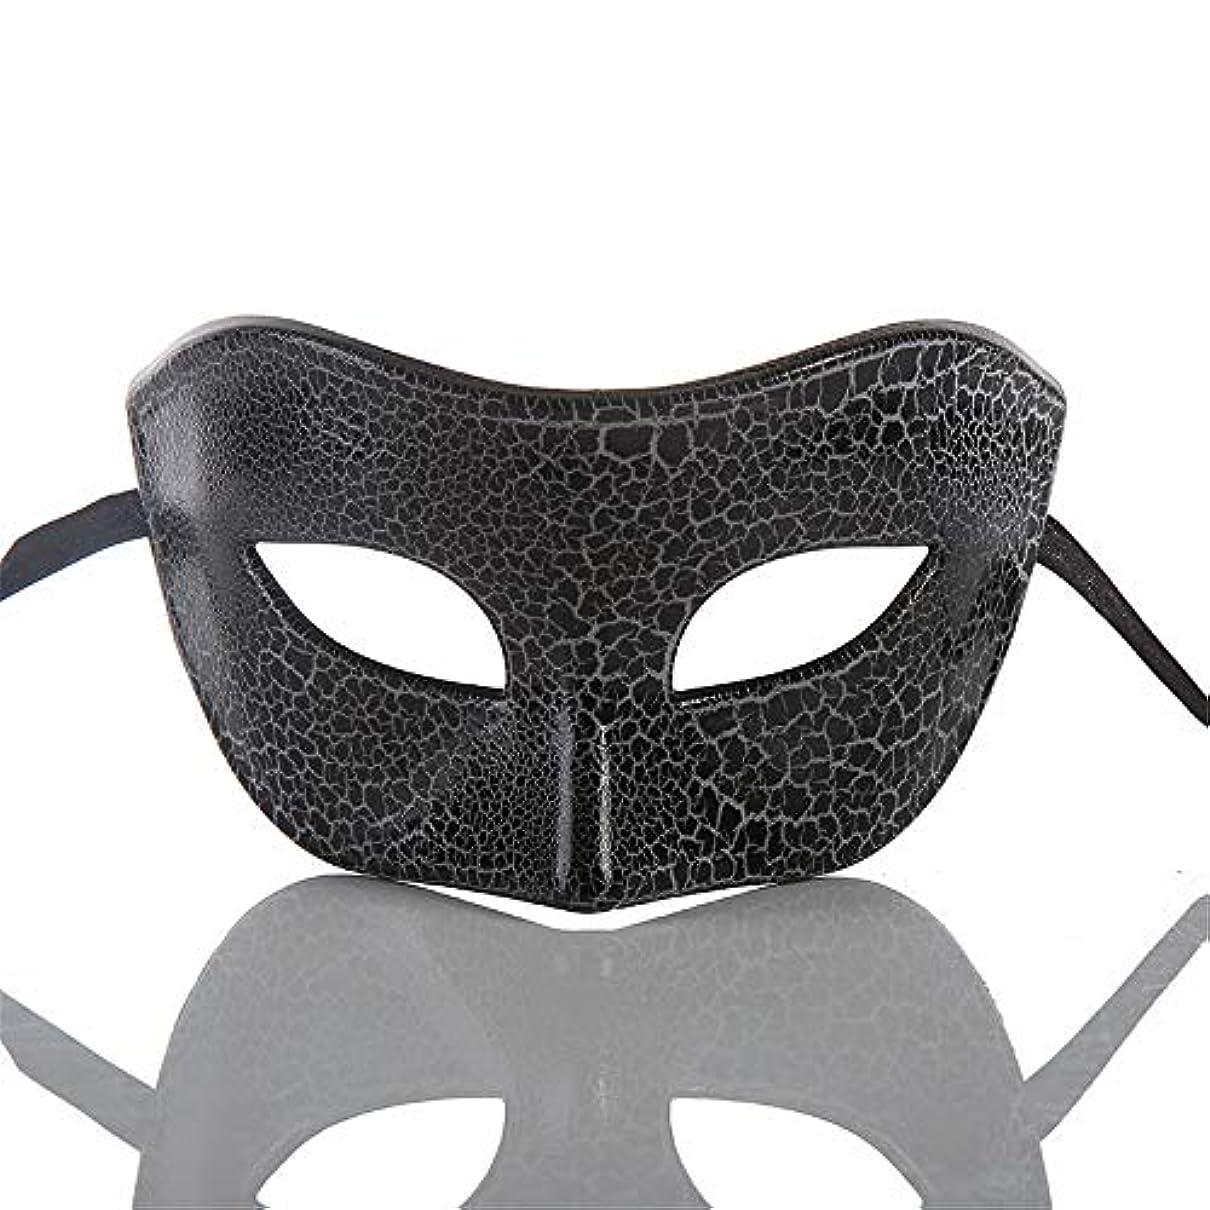 馬鹿区画ステンレスダンスマスク ハーフマスク新しいハロウィーンマスク仮装レトロコスプレメイクナイトクラブマスク雰囲気クリスマスお祝いプラスチックマスク ホリデーパーティー用品 (色 : ブラック, サイズ : 16.5x8cm)